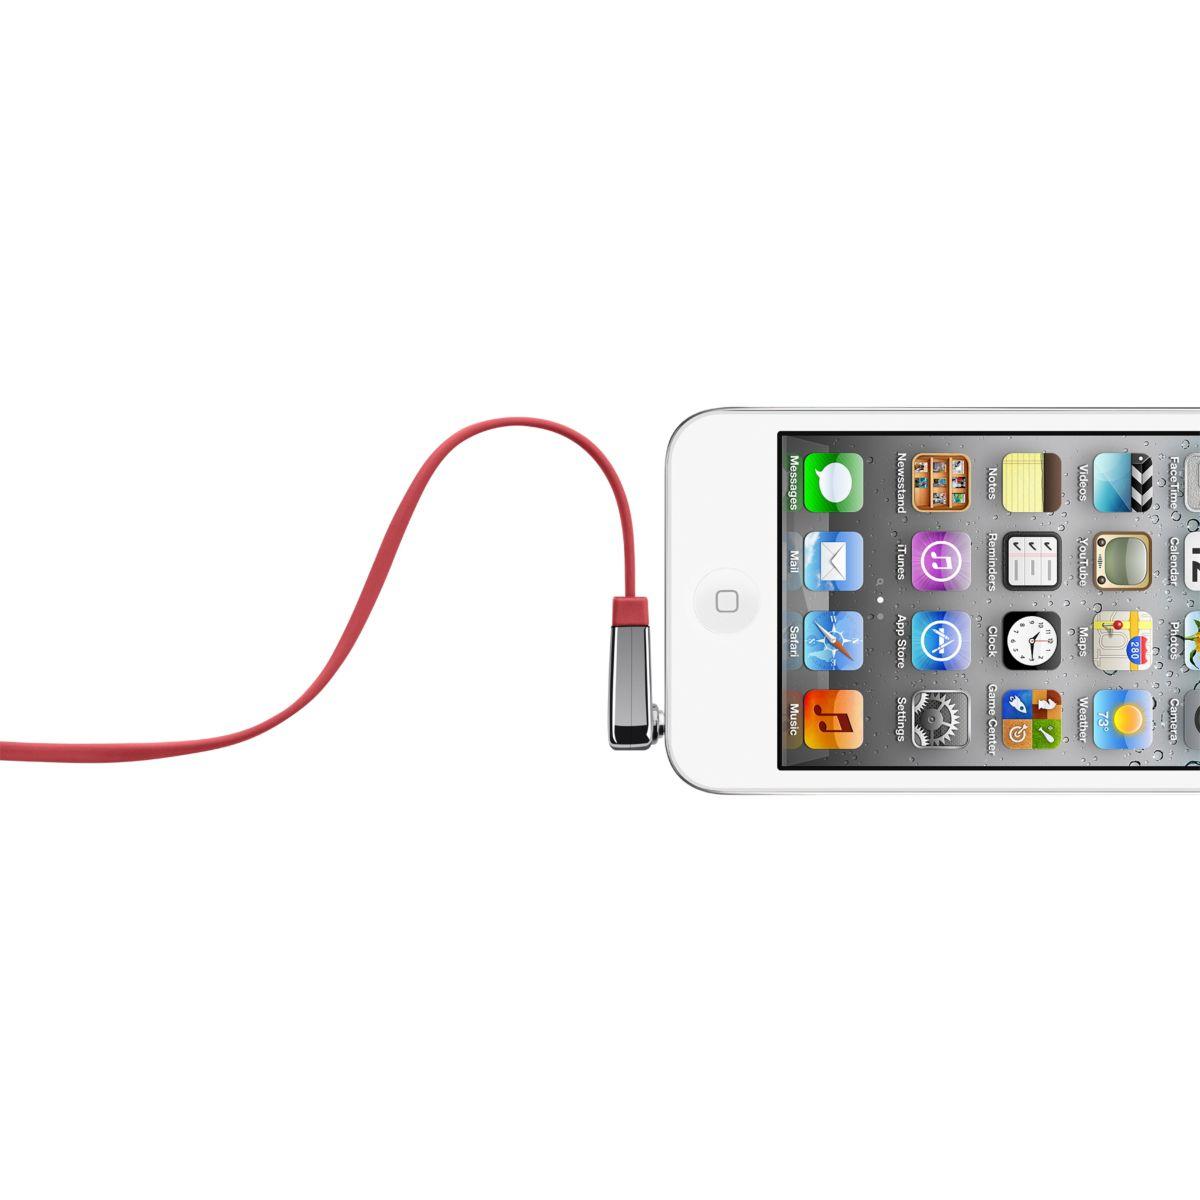 Connectique belkin câble plat coudé rouge - 10% de remise immédiate avec le code : cool10 (photo)